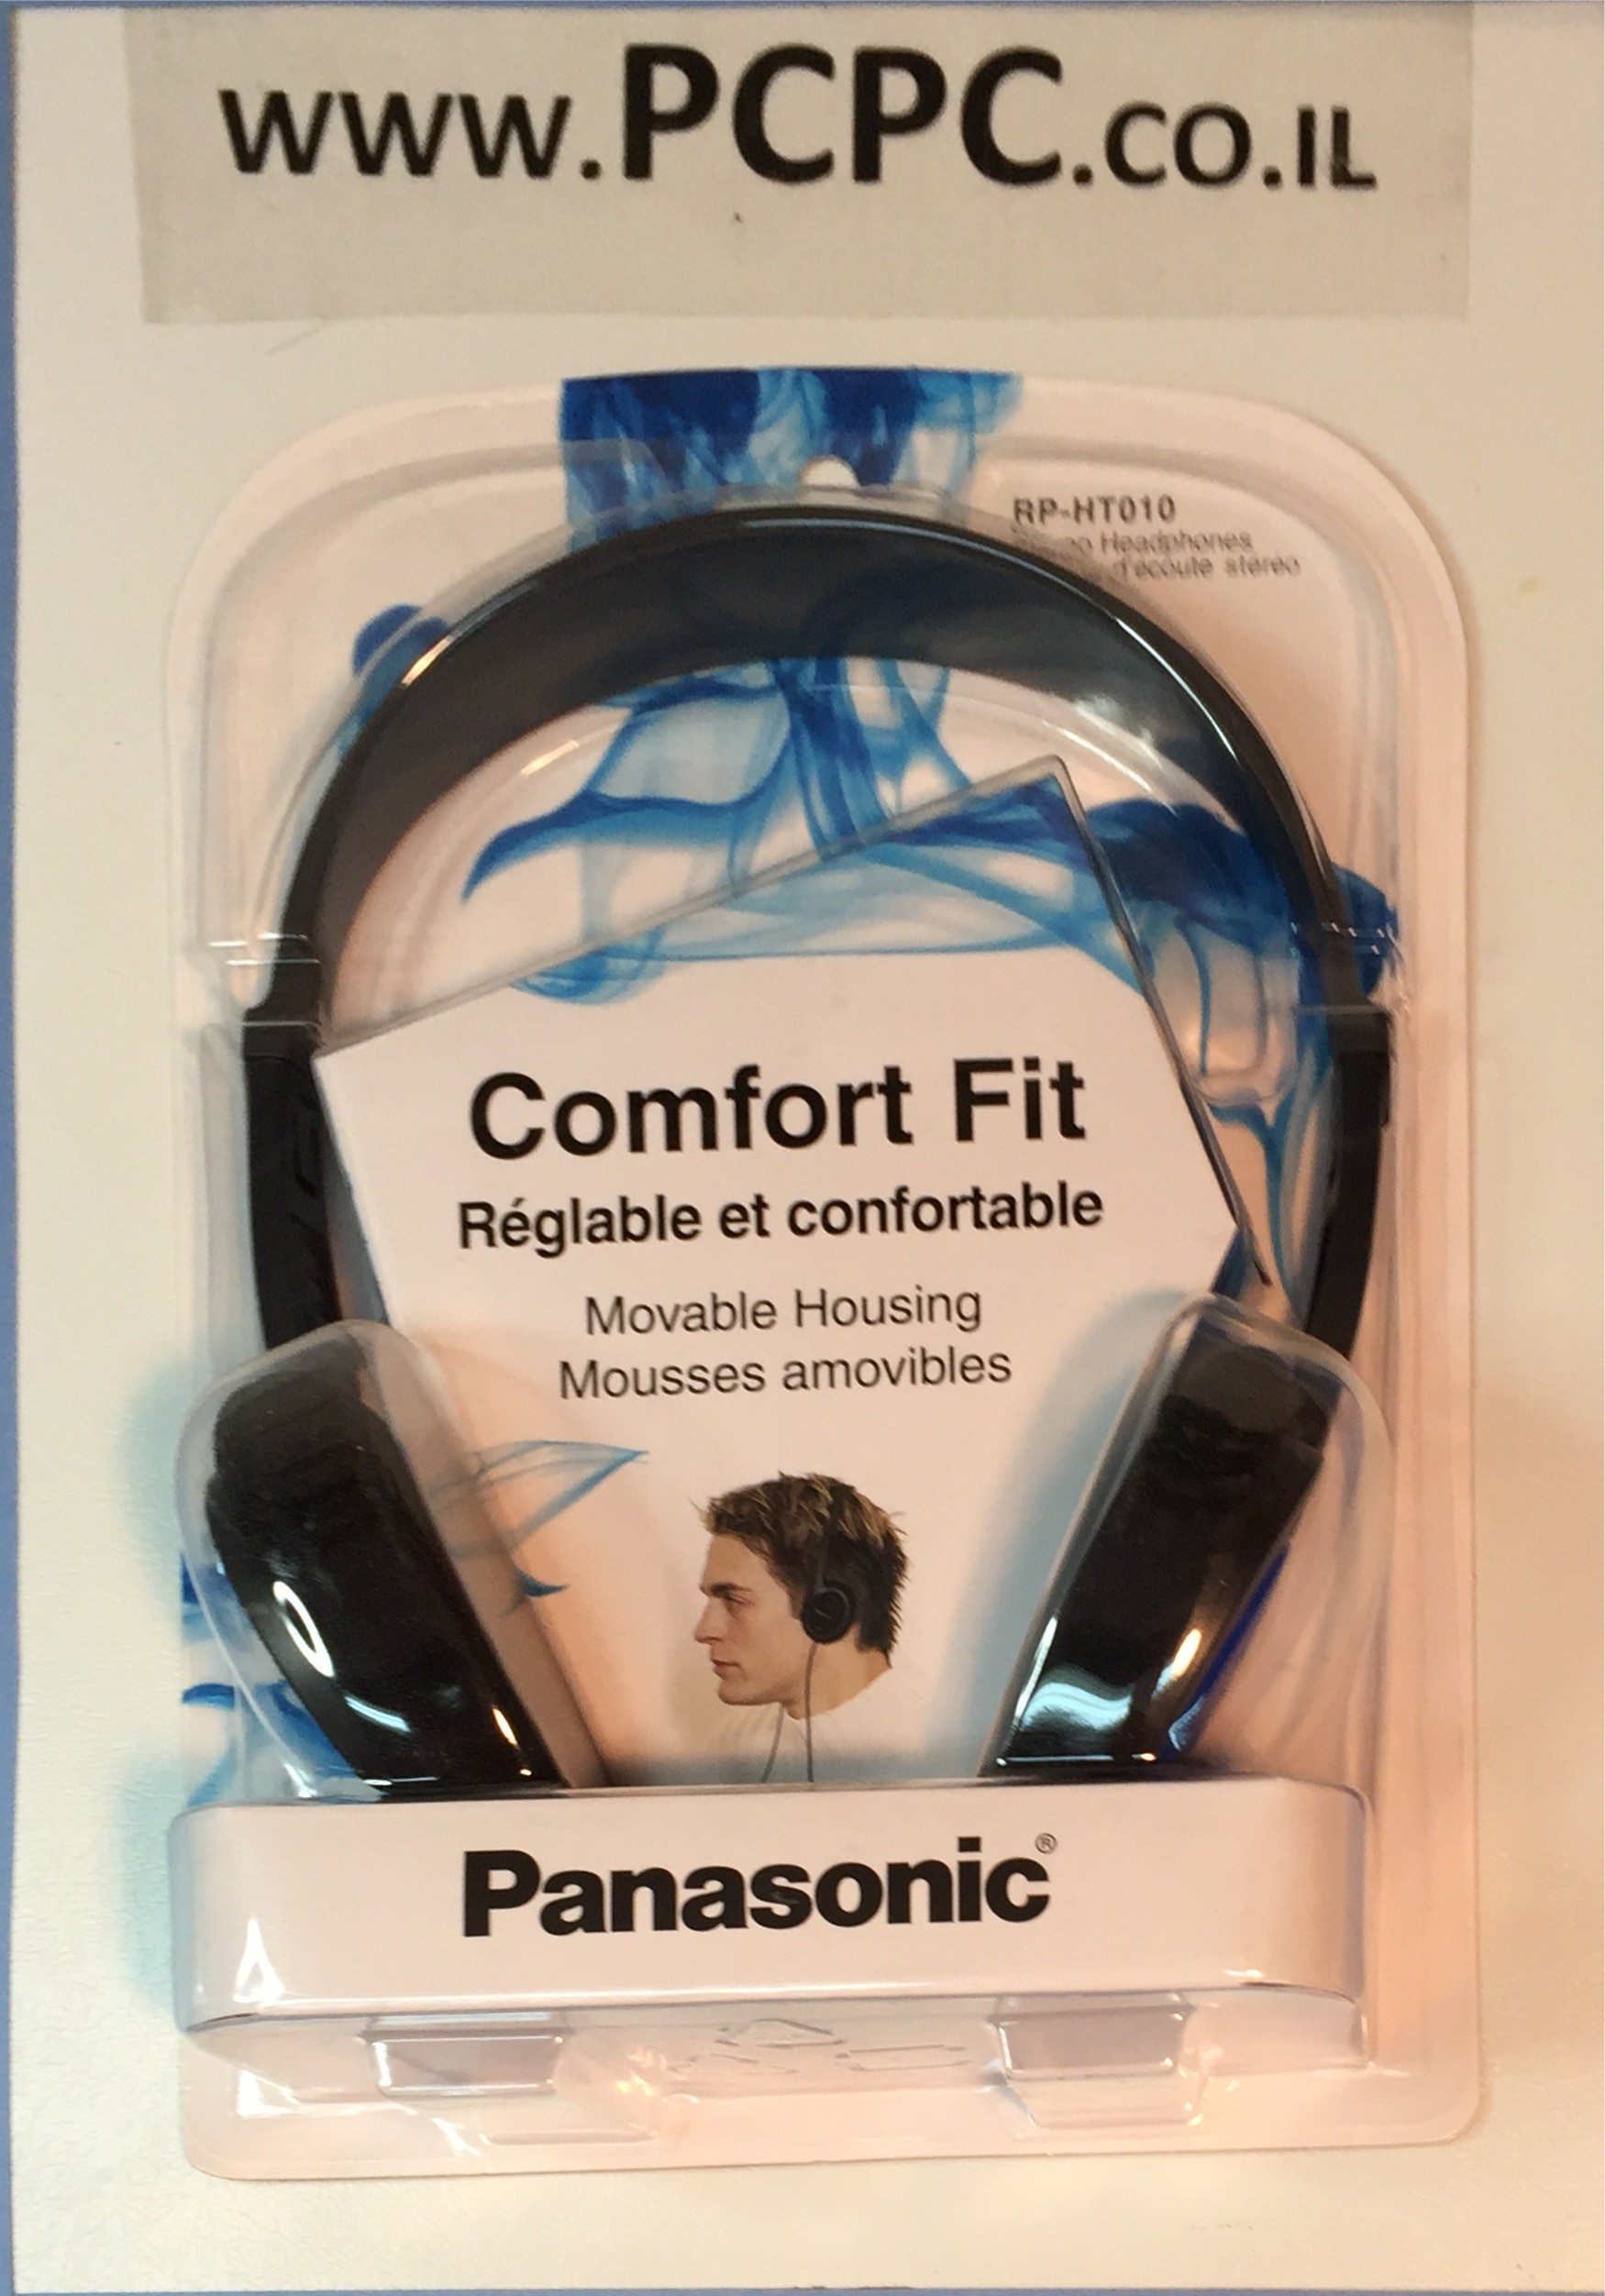 אוזניות  RP-HT227 PANASONIC DJ